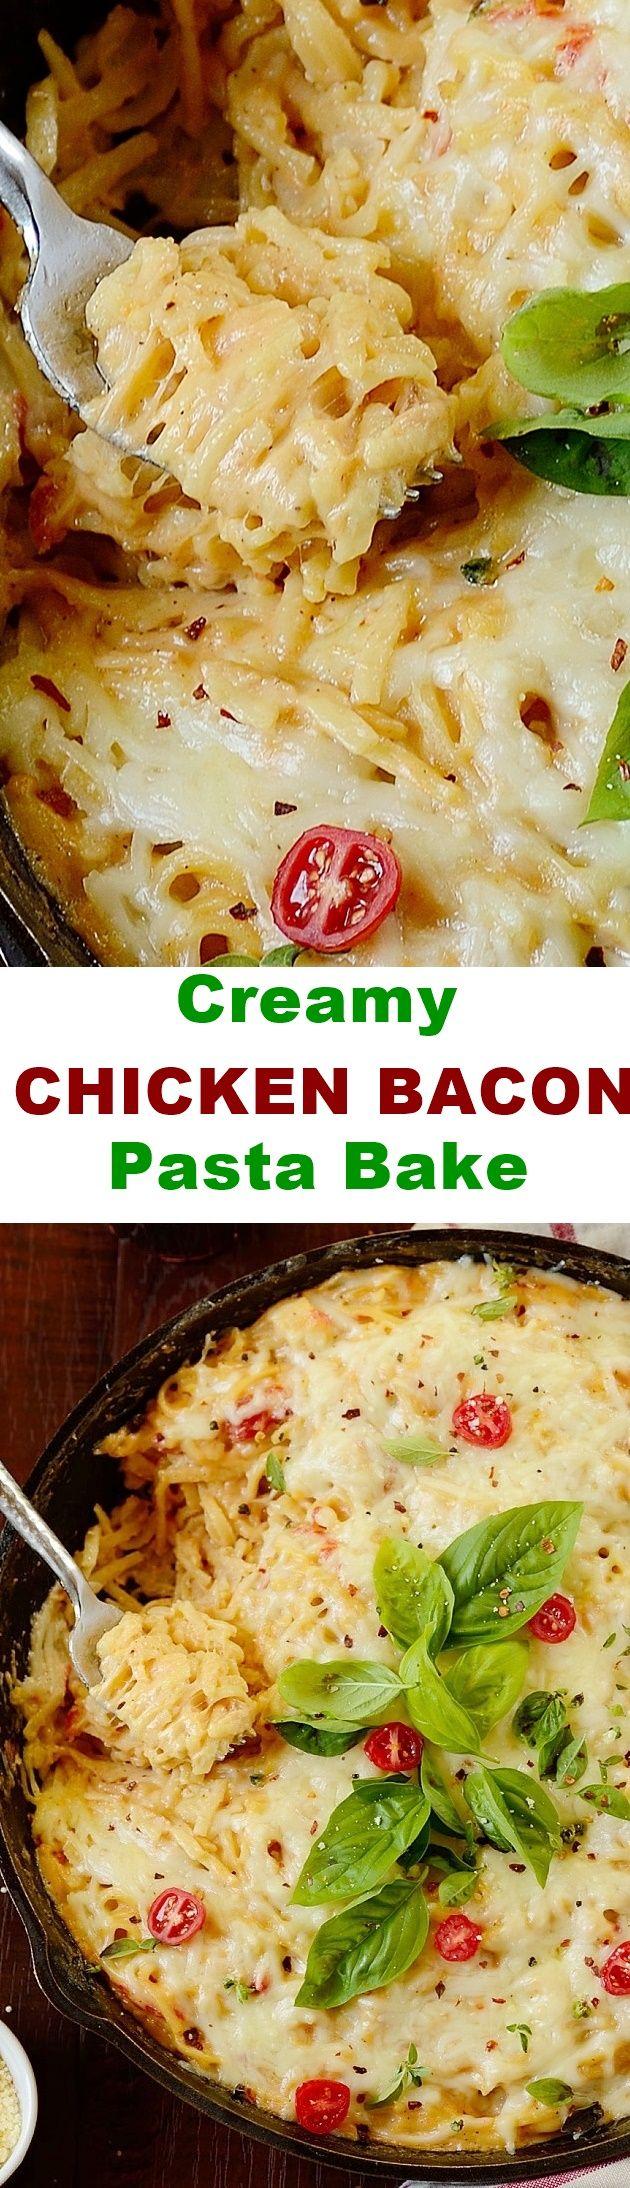 Creamy Chicken Bacon Pasta Bake